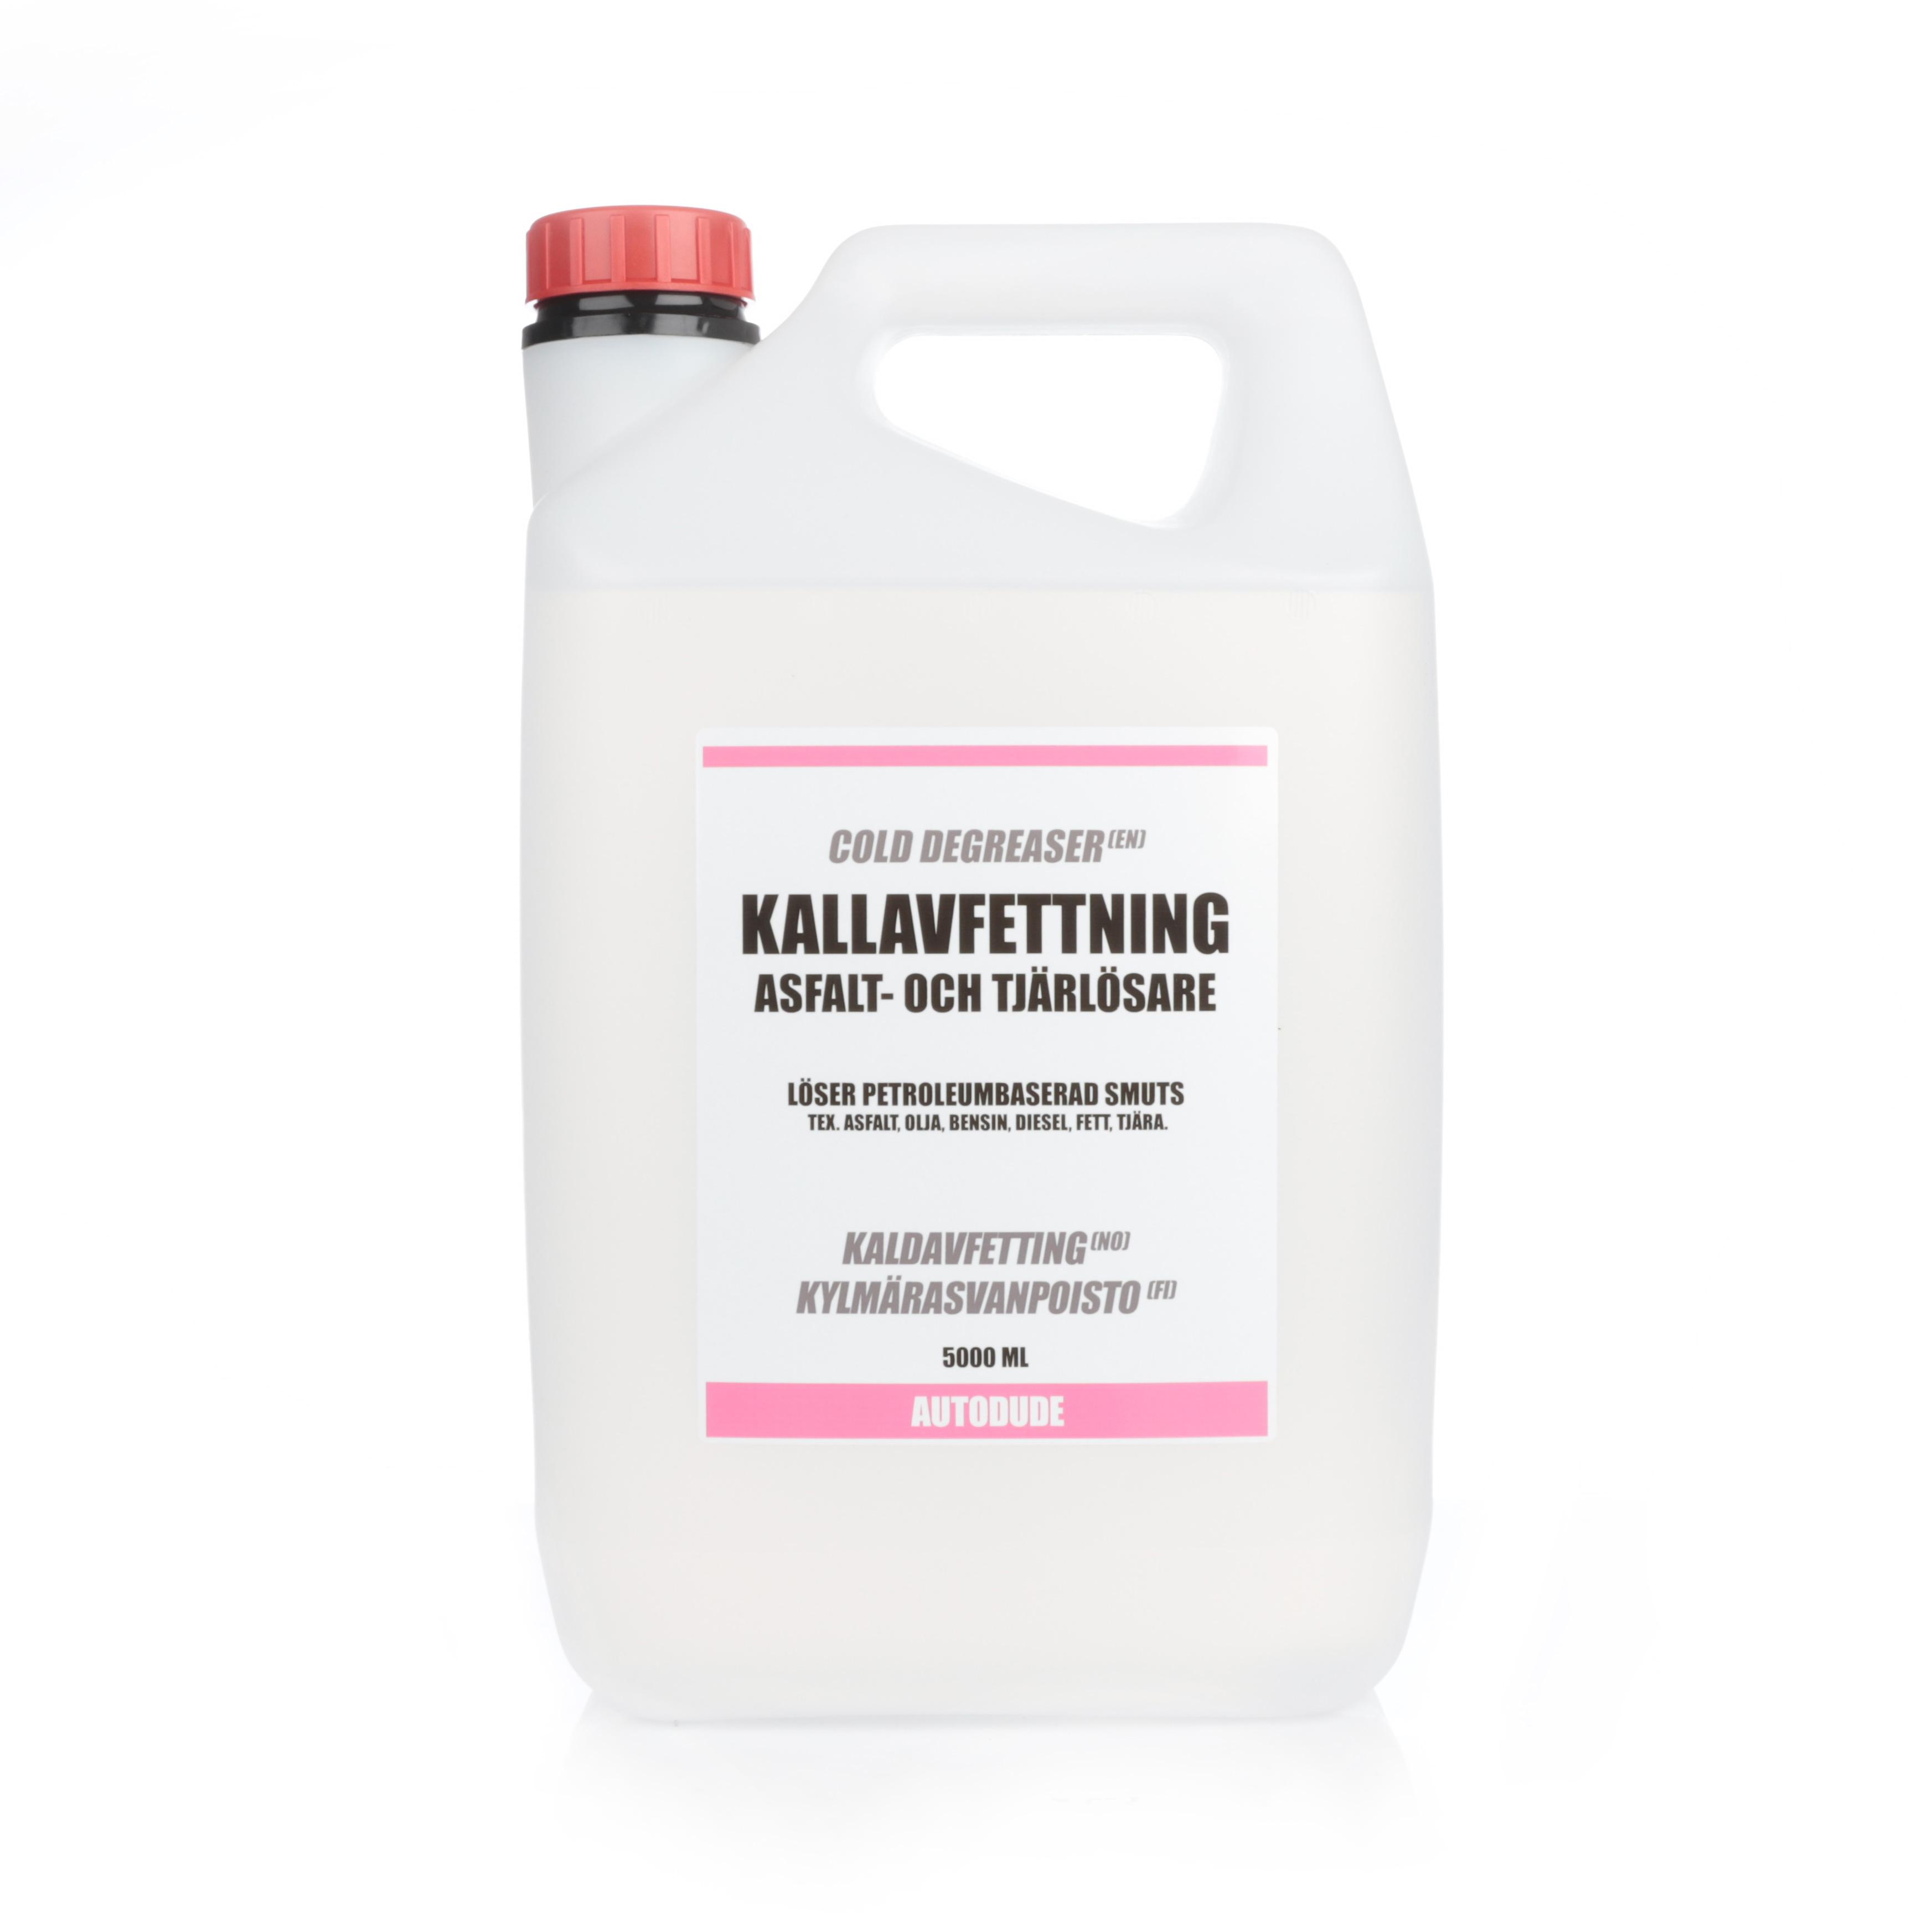 Asfaltslösare Autodude's Kallavfettning, 5000 ml / Dunk